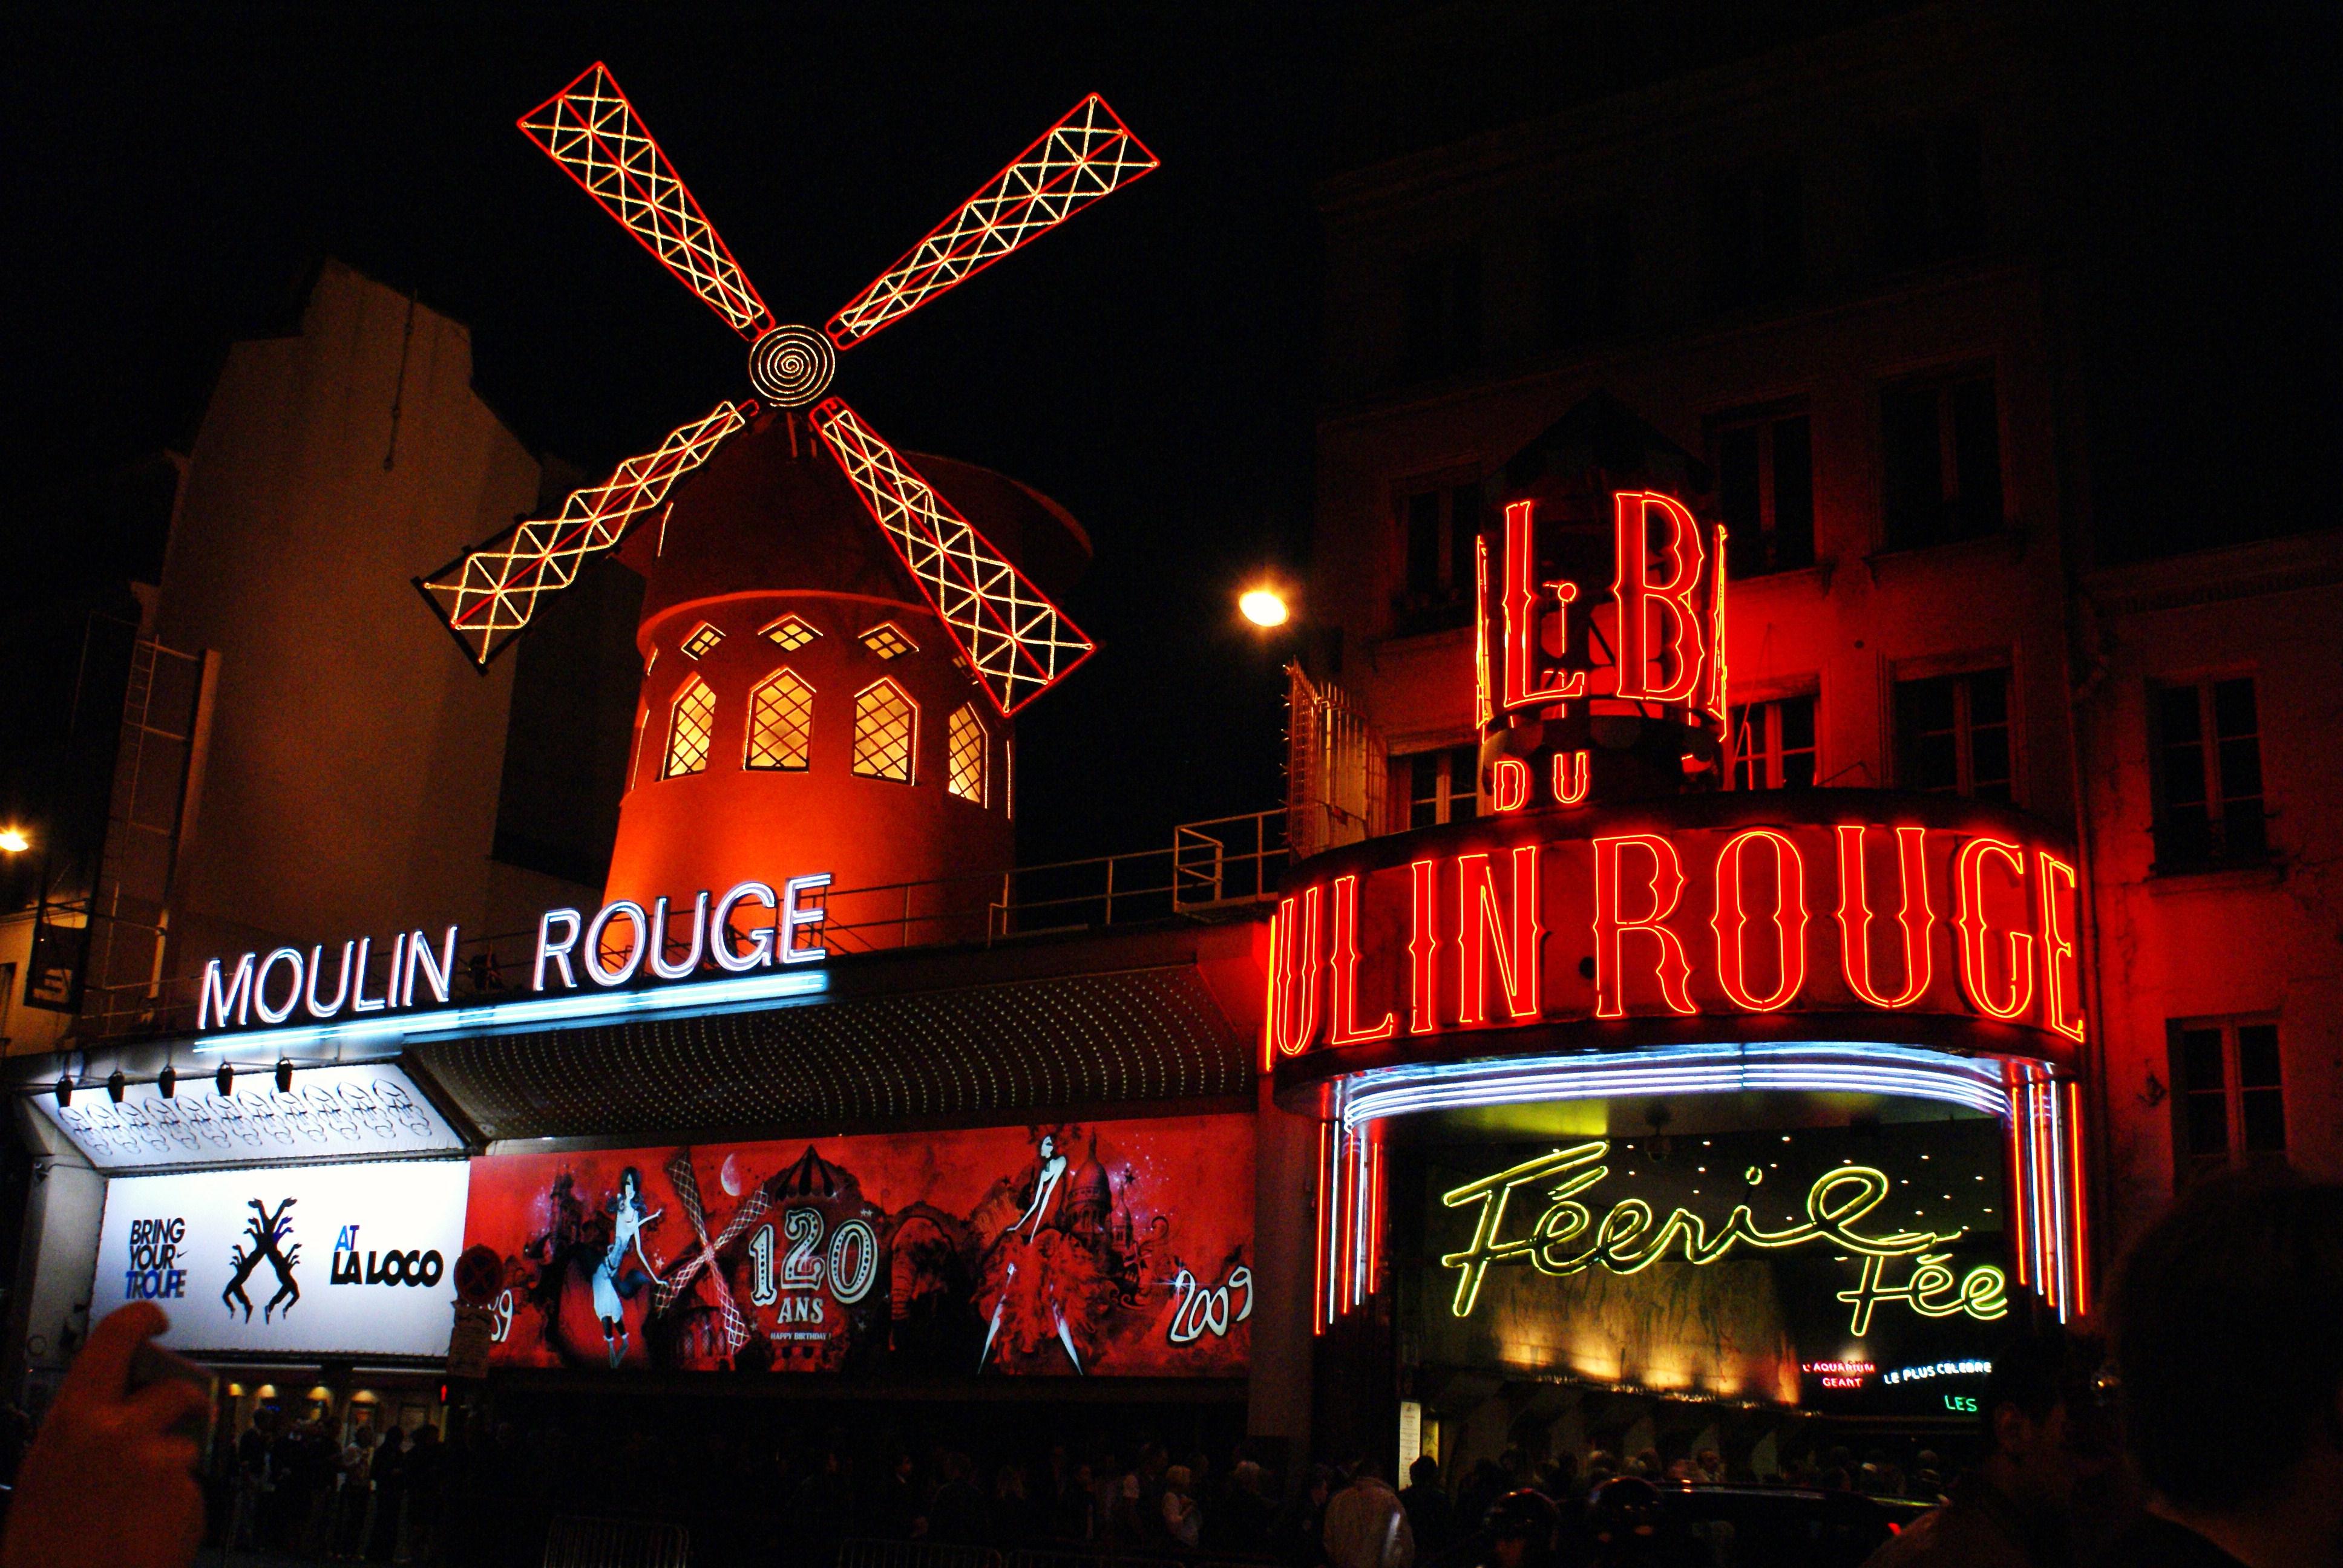 Moulin-Rouge01.jpg